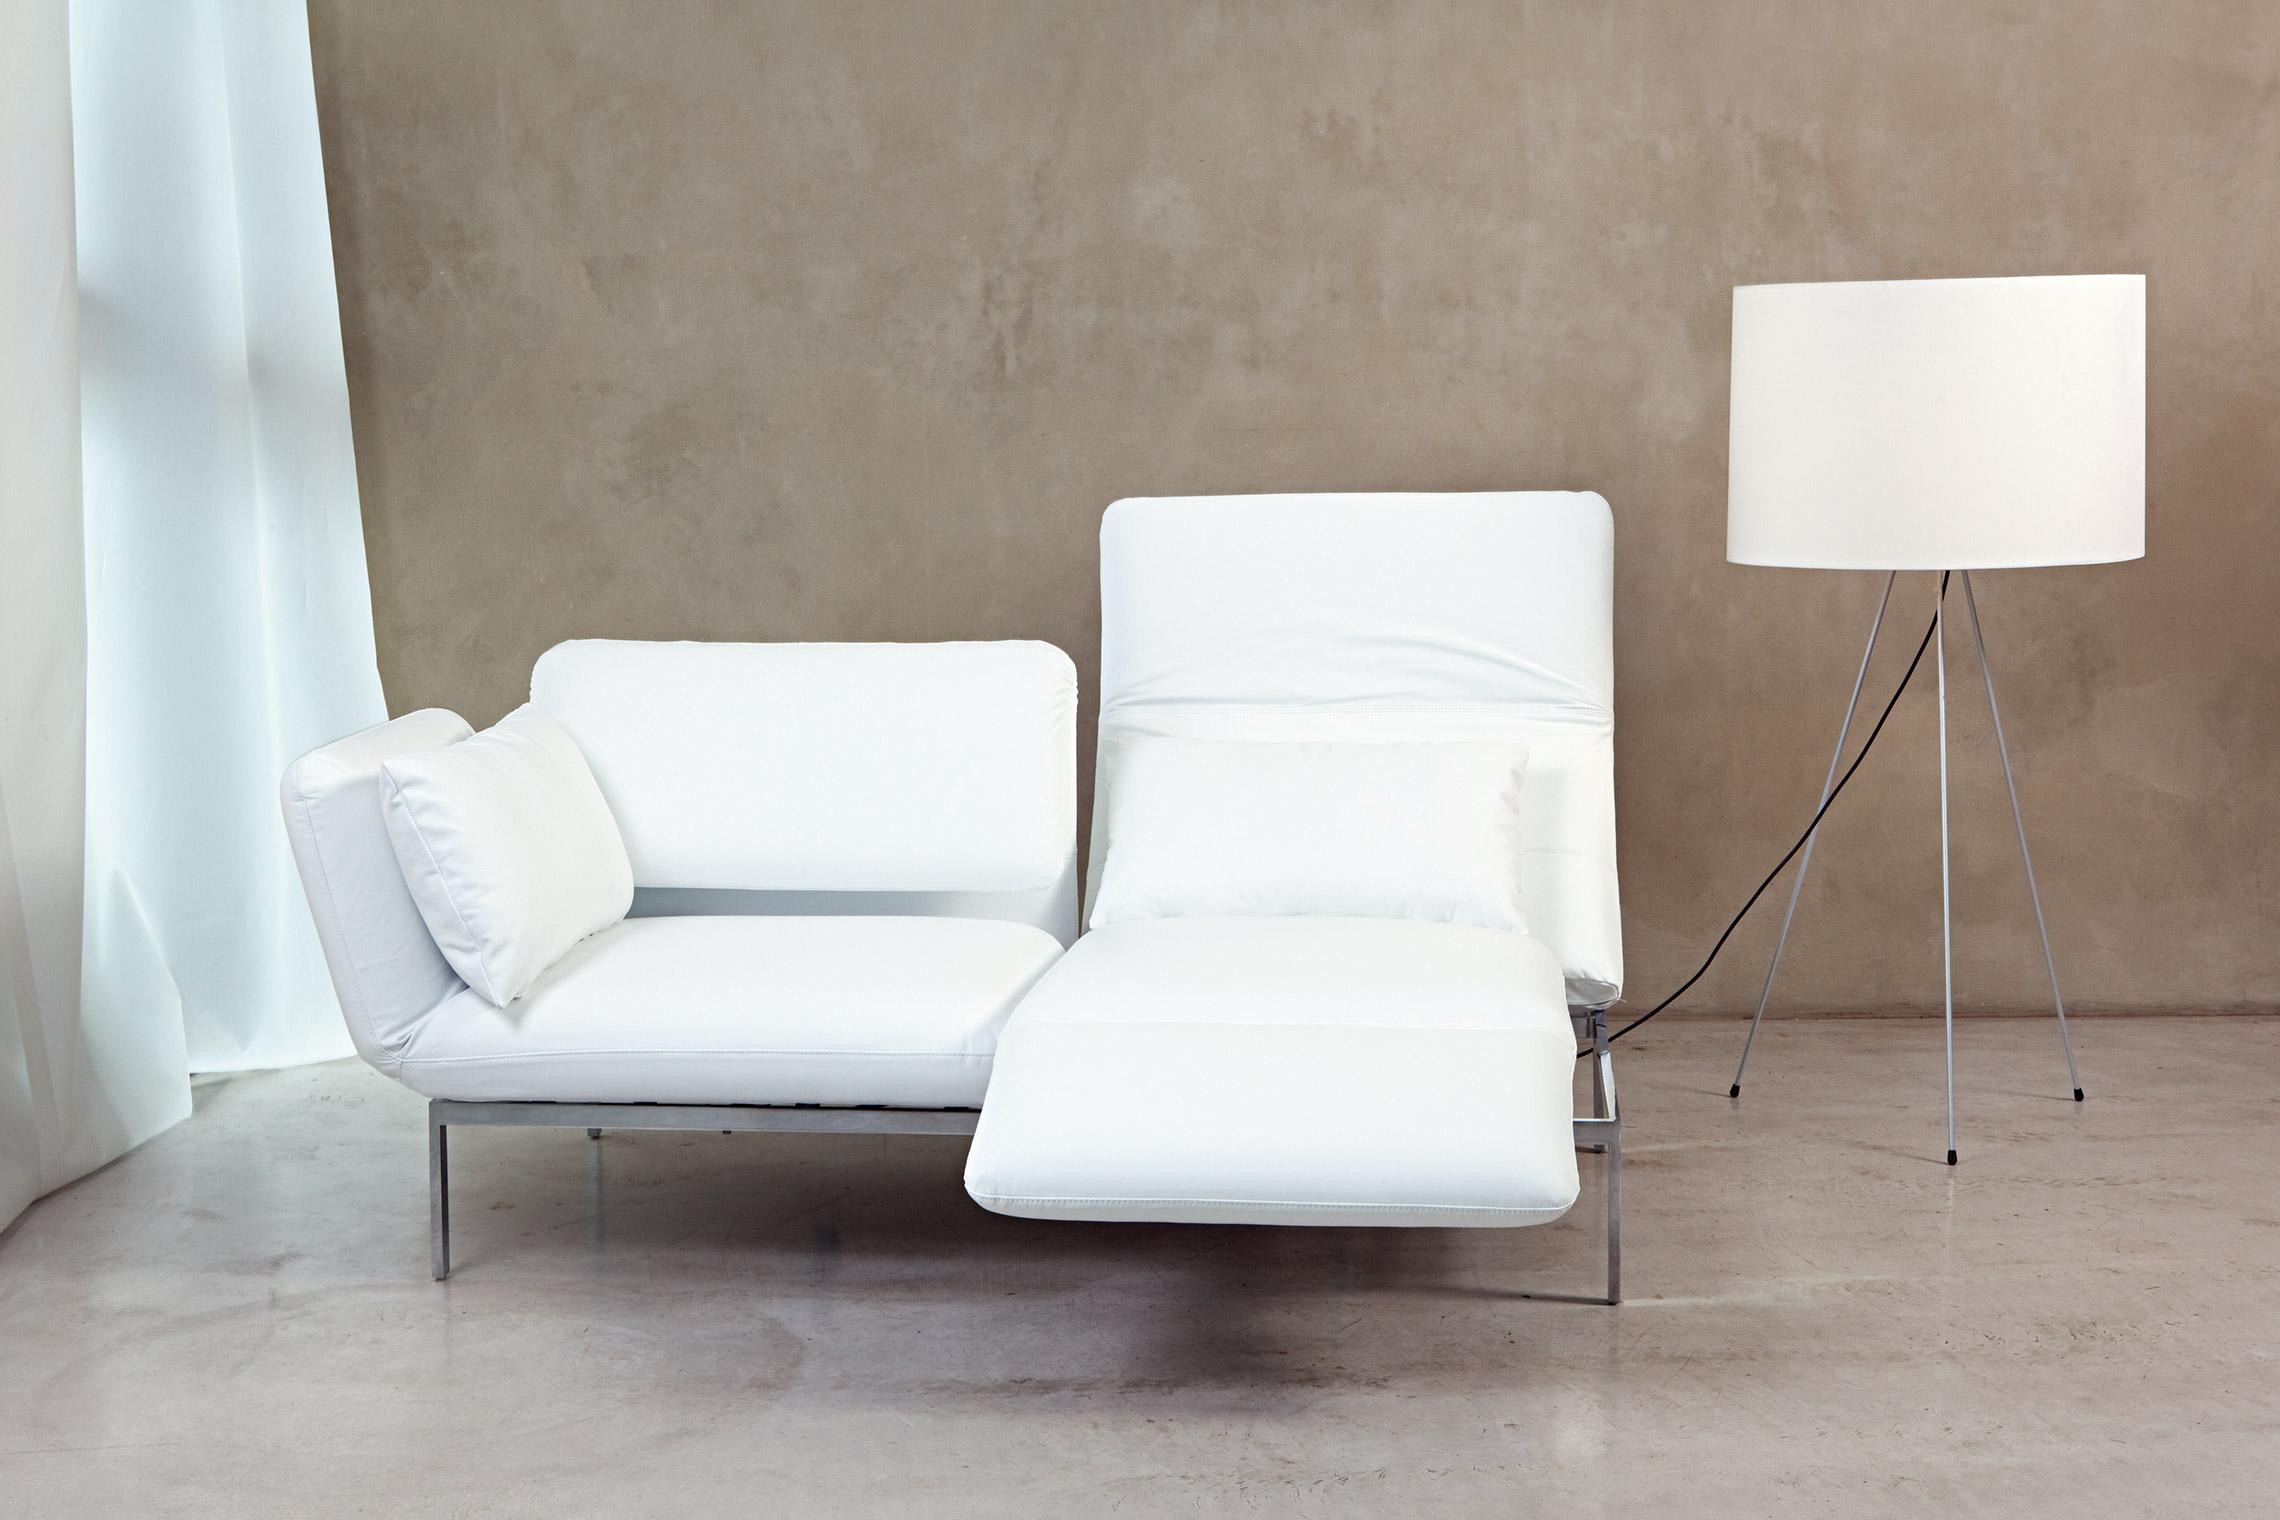 Zweier Sofas sofa roro medium roro small wohnwiese jette schlund team 7